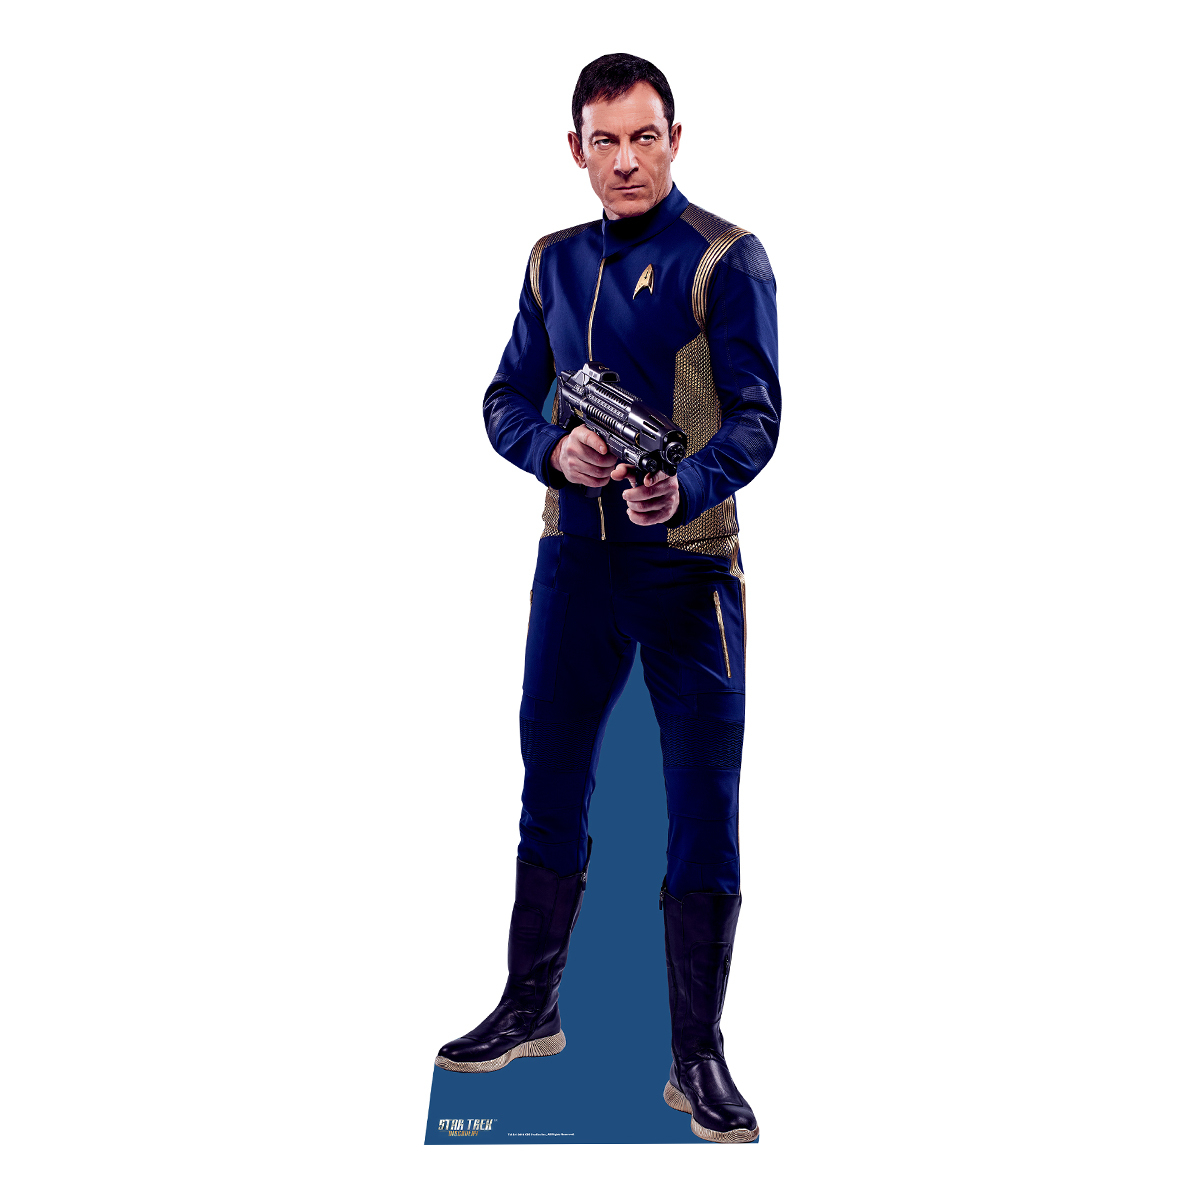 Star Trek Crusher, Beverly